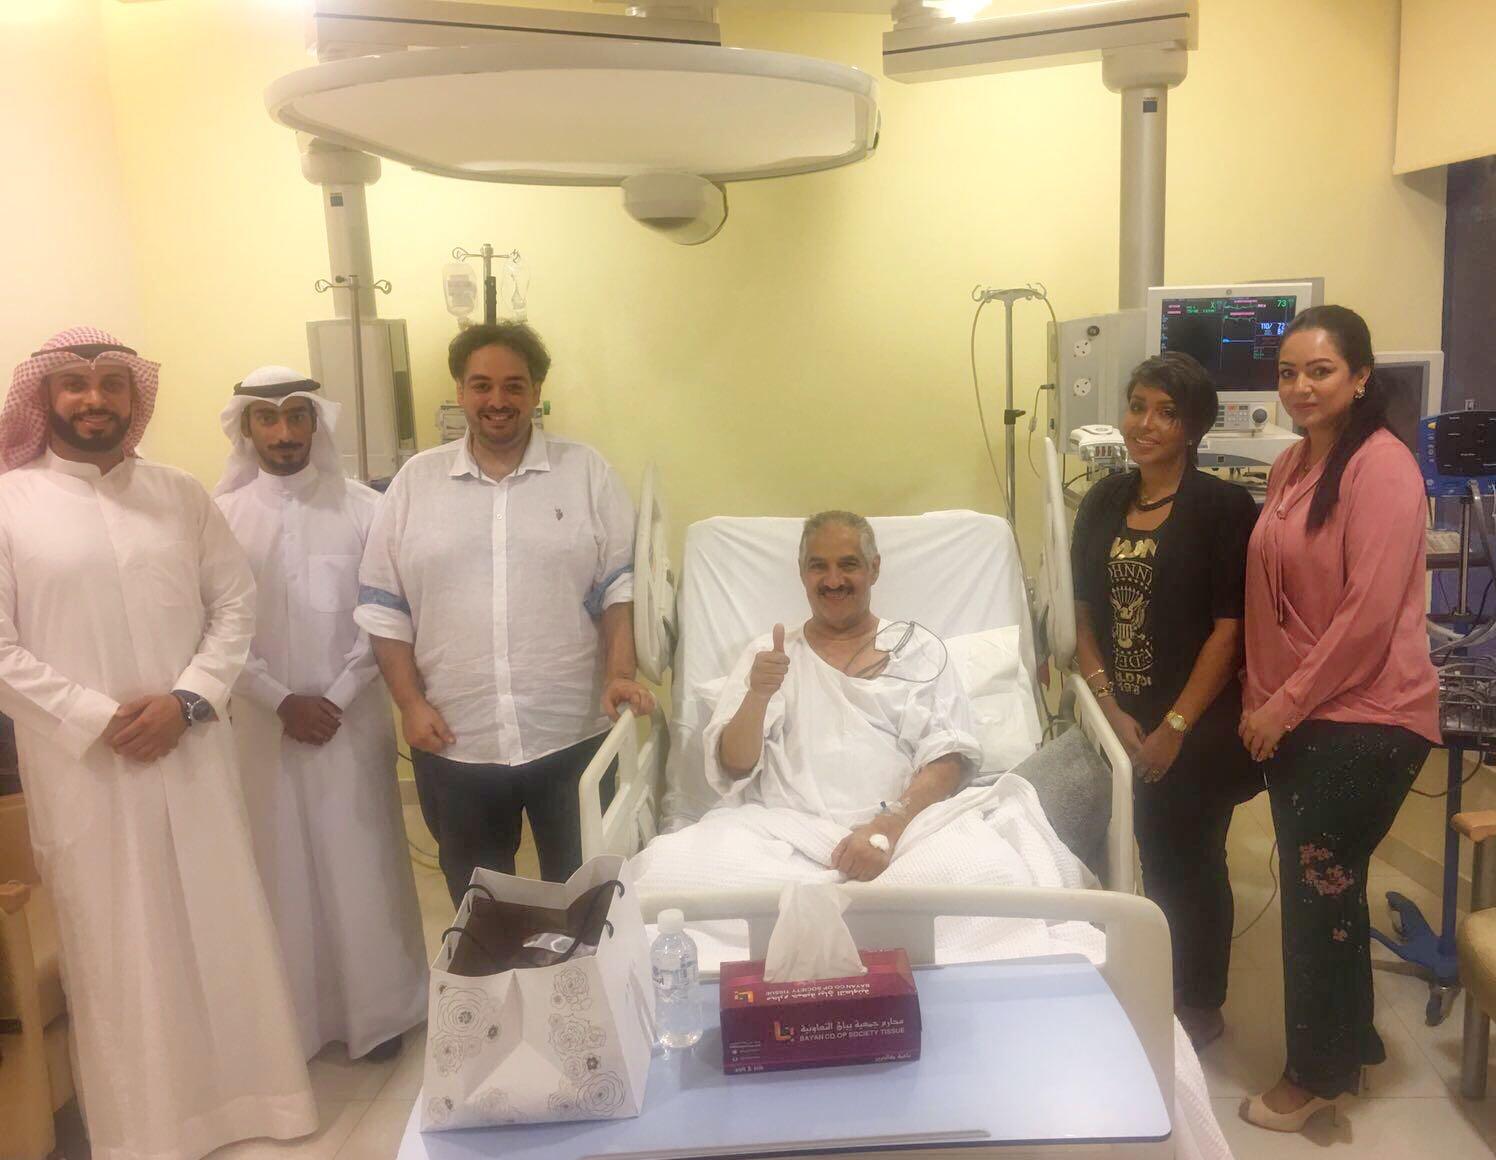 قام وفد من جمعية المهندسين الكويتية بزيارة الاعلامي القدير علي حسن